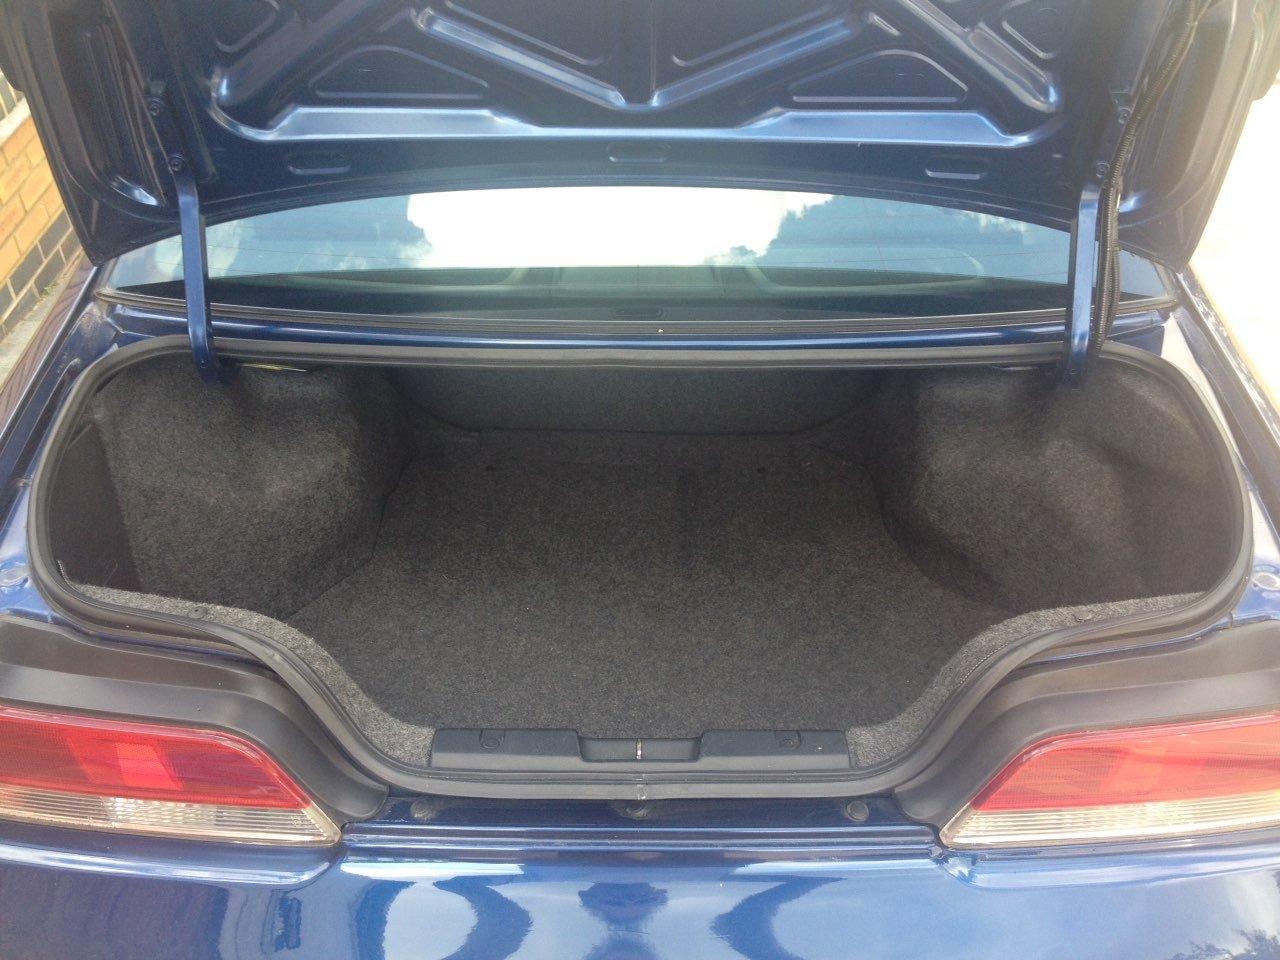 2000 Honda Prelude 2.2 VTI MOTEGI For Sale (picture 3 of 6)